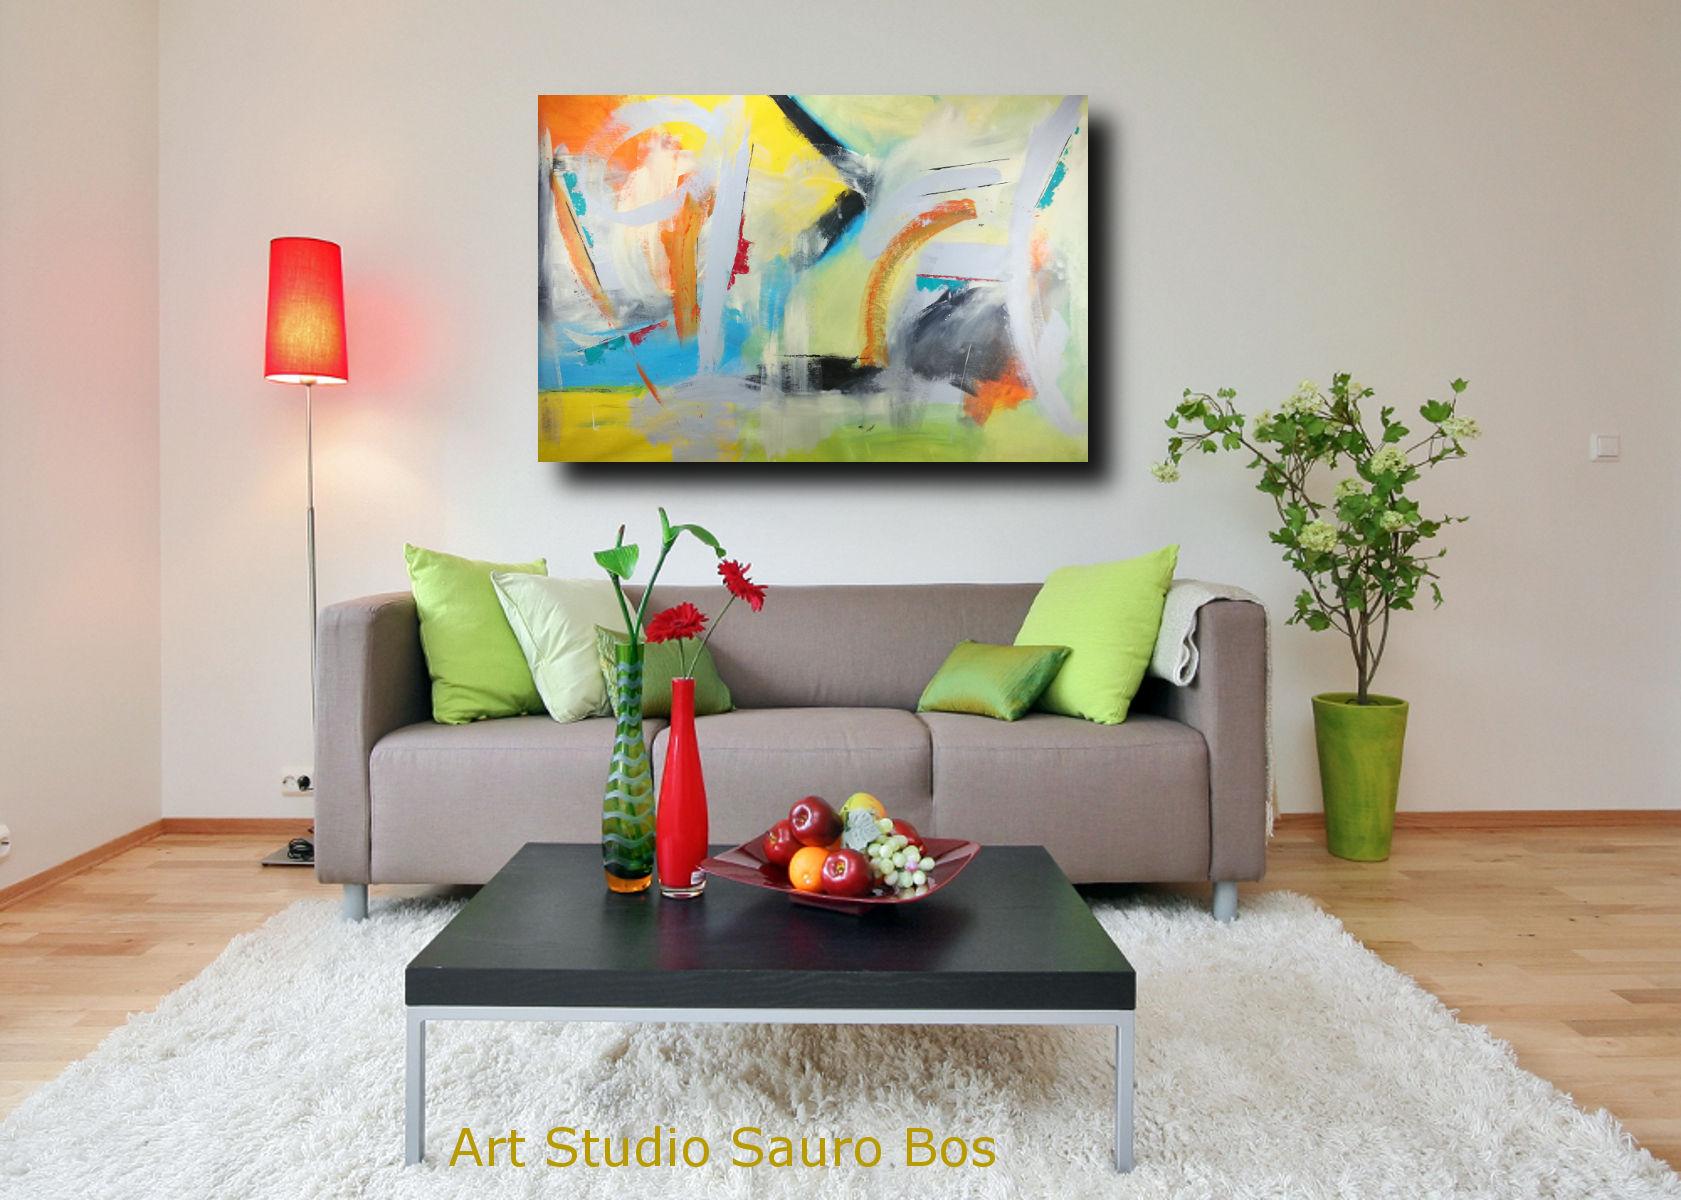 Quadri grandi da parete 120x80 giallo arancio grigio nero for Stampe da parete